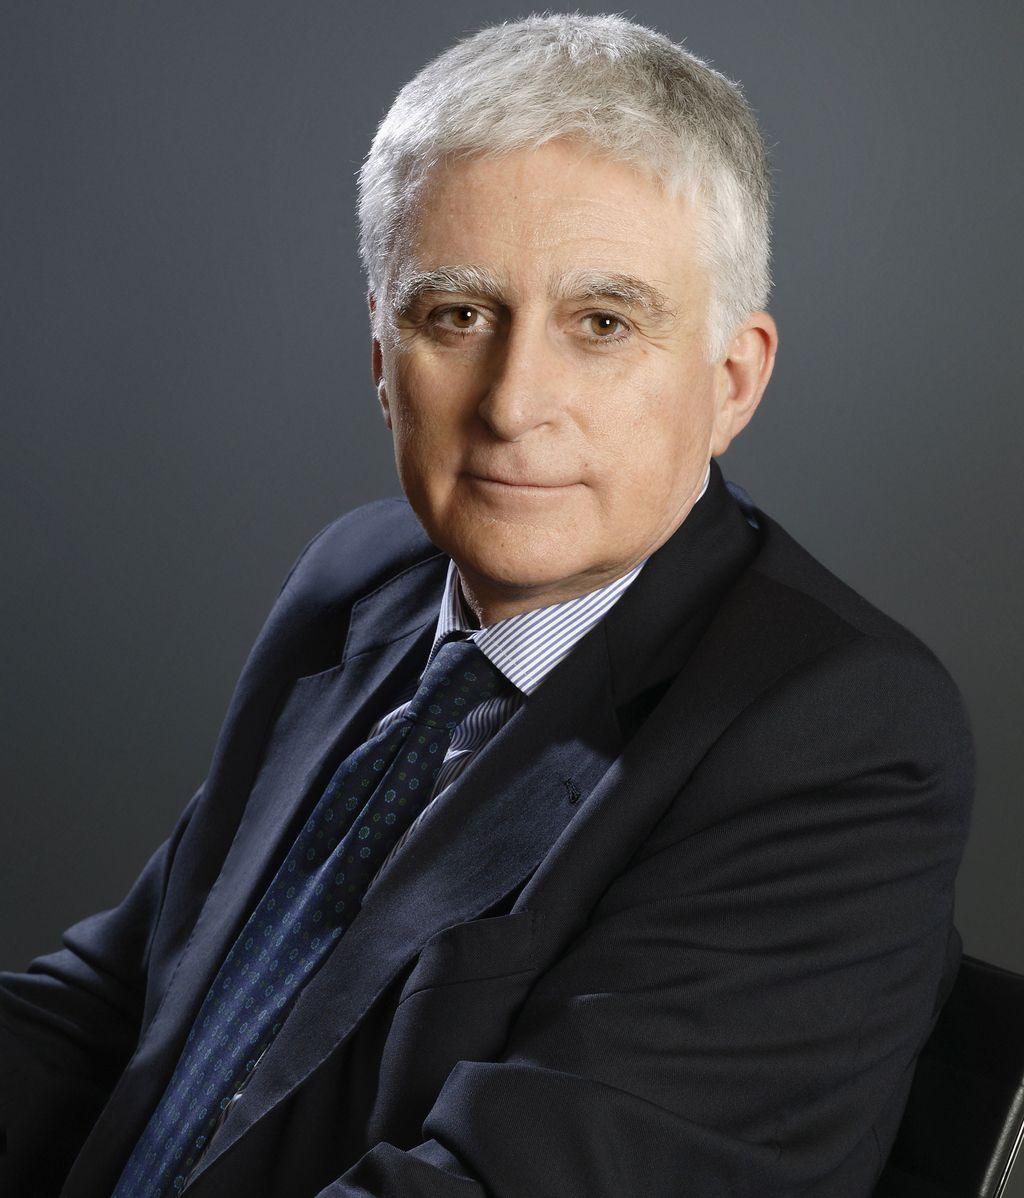 El Consejo de Administración nombra a Paolo Vasile consejero delegado único de Mediaset España